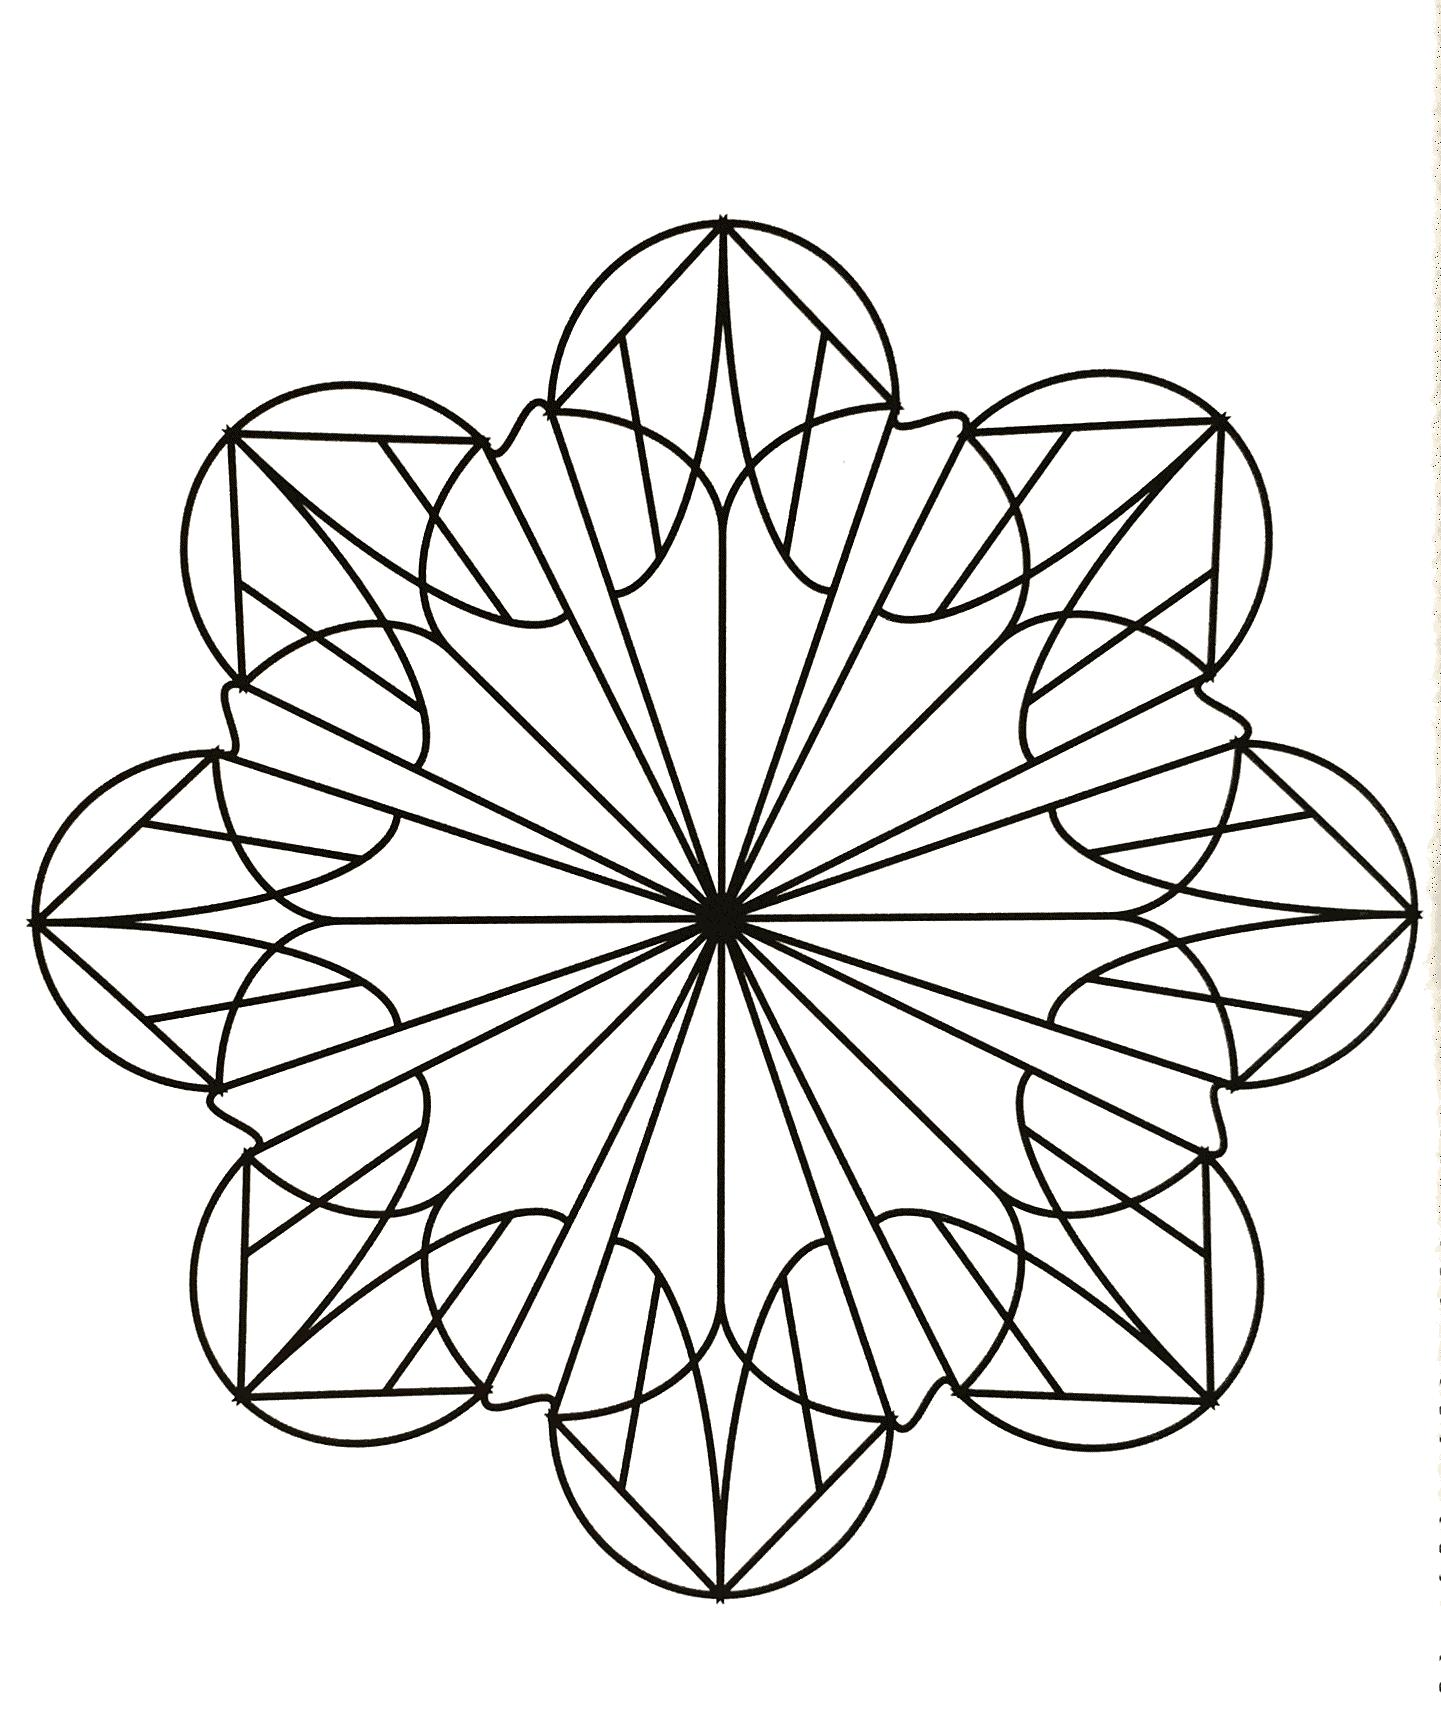 Mandala gratuit forme de fleur mandalas avec motifs g om triques 100 mandalas zen anti stress - Coloriage fleur geometrique ...